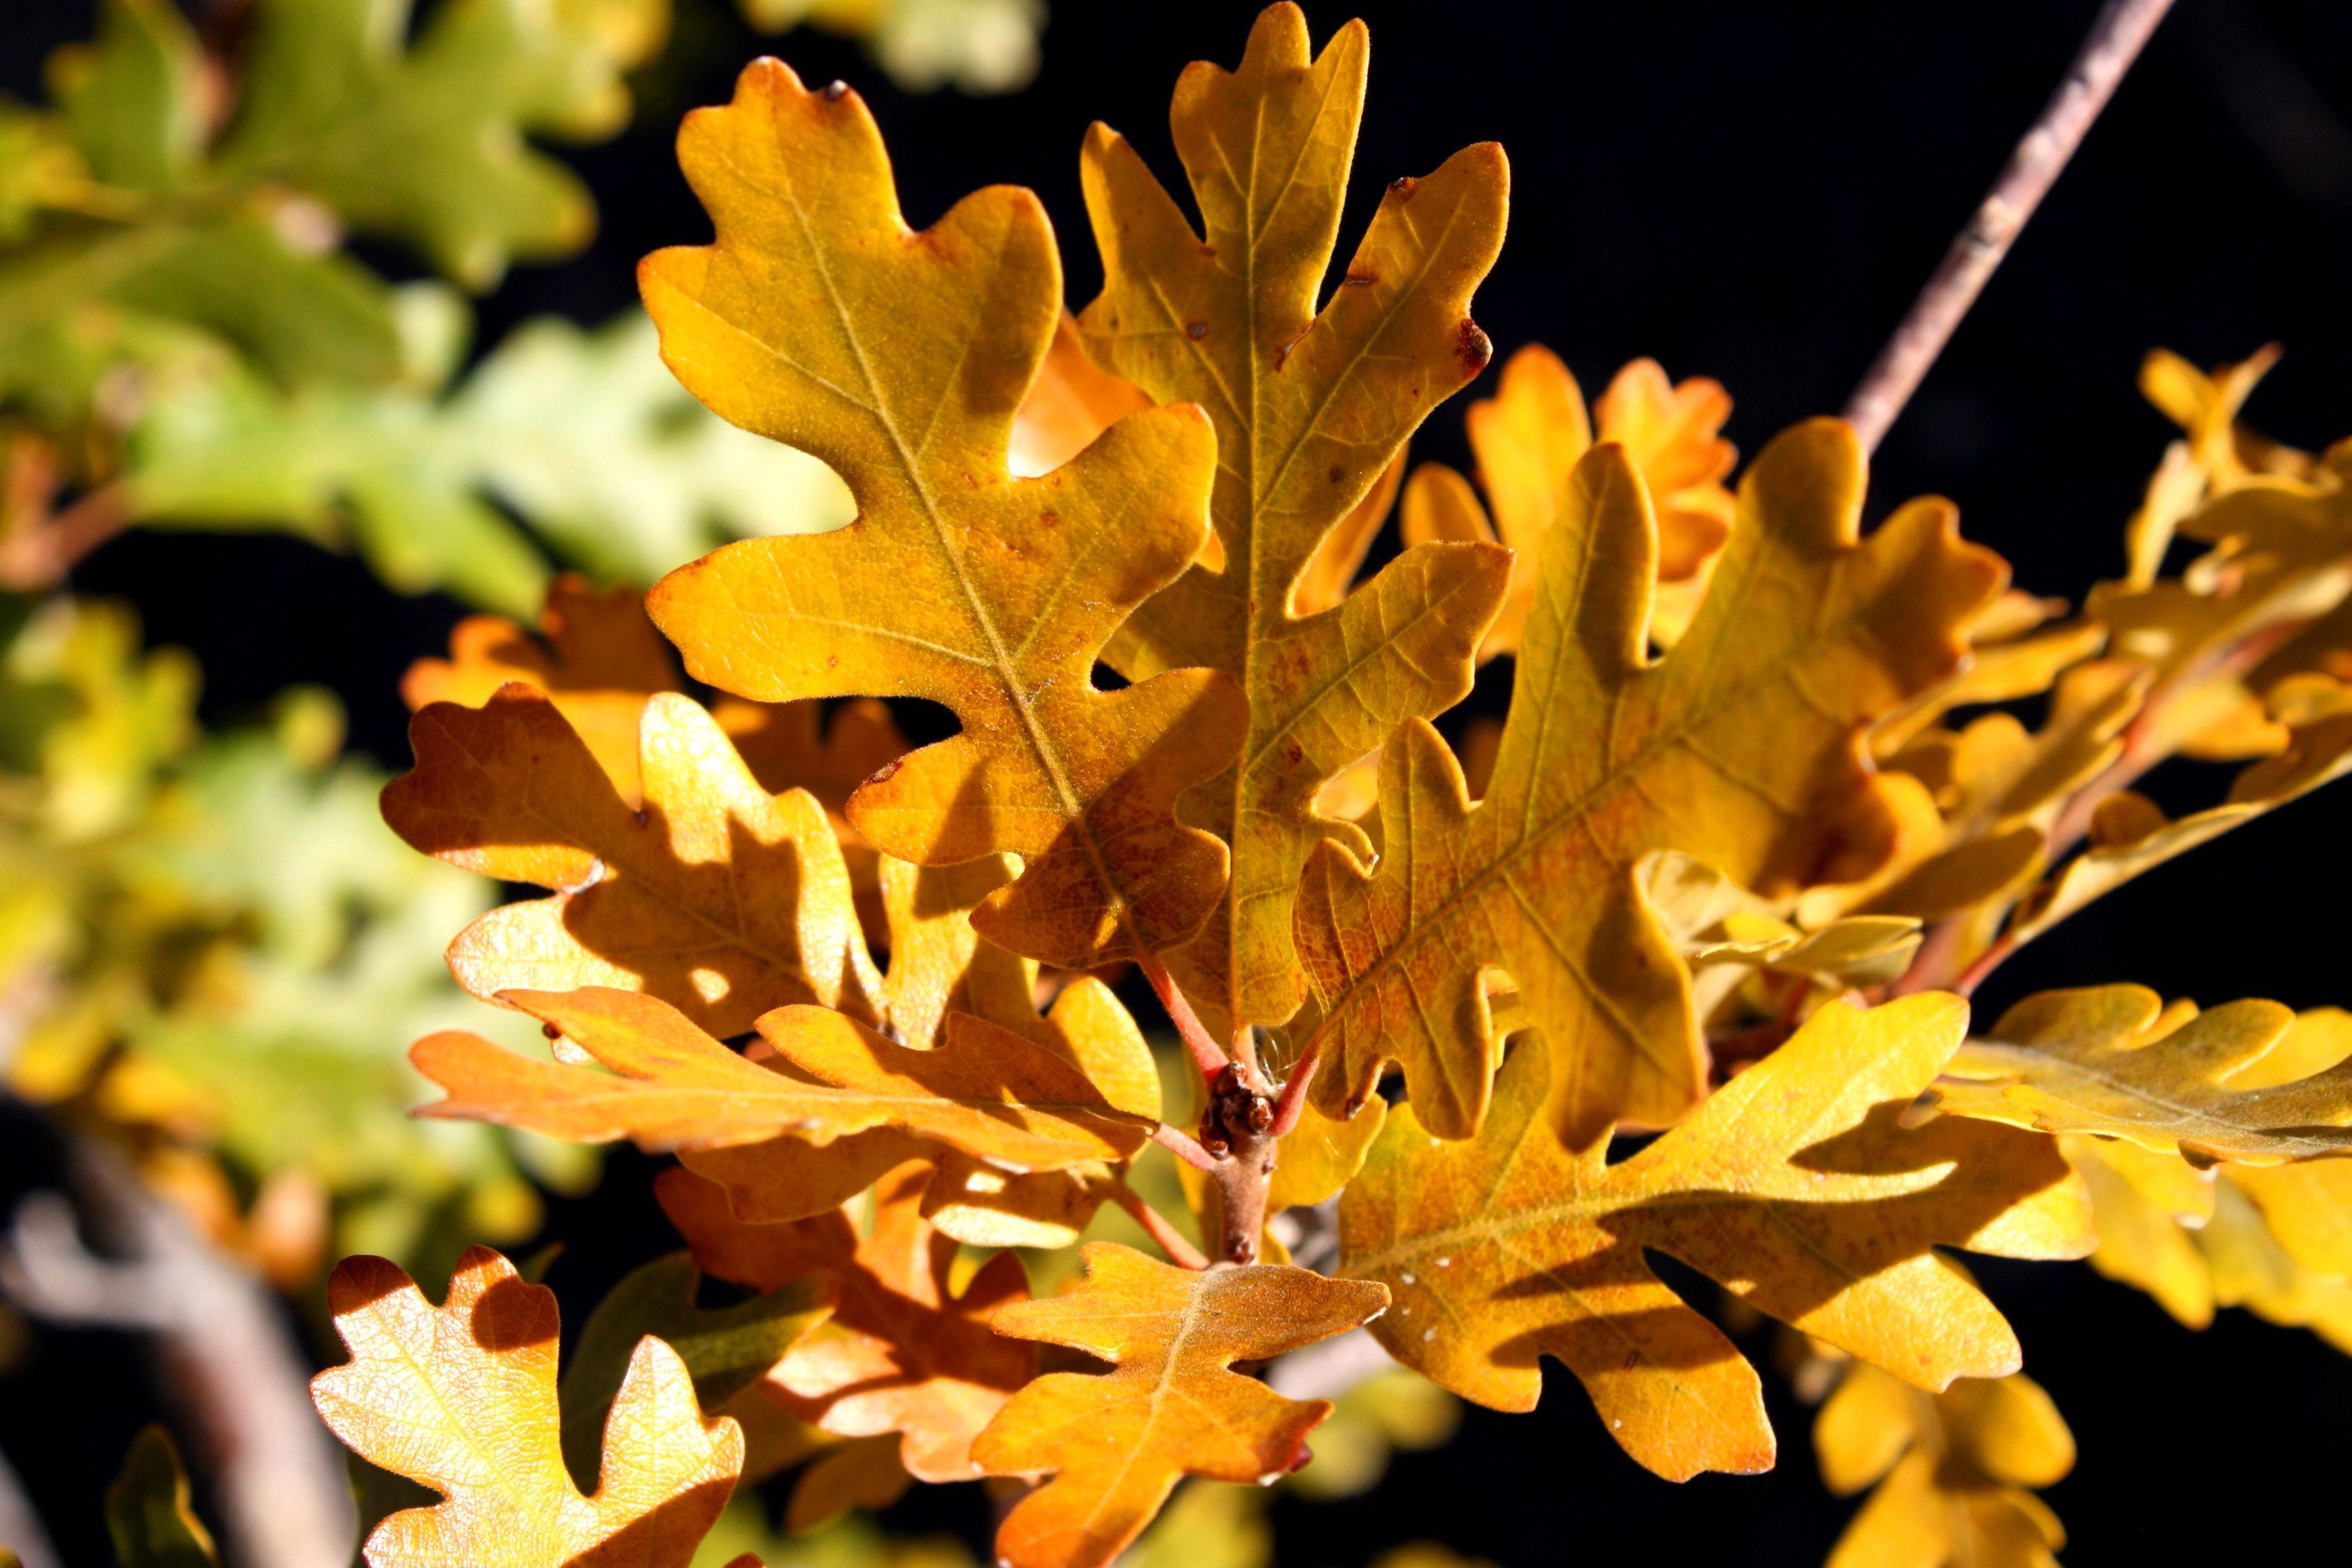 блондинка часто осень картинки листья дуба правило, временем